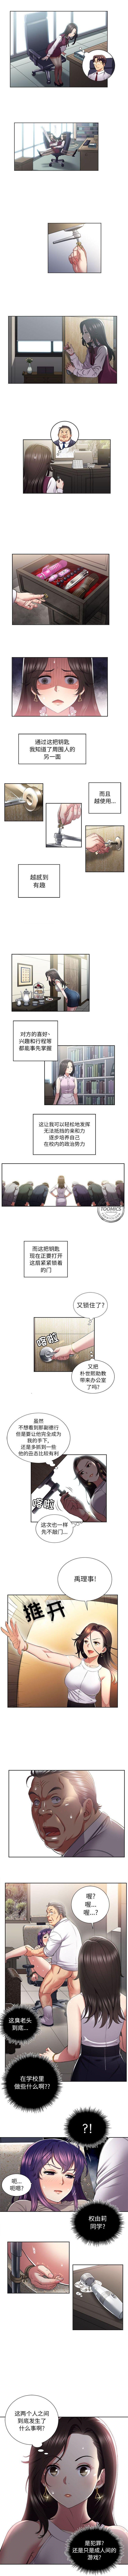 由莉的秘密1-60 中文翻译 (更新中) 181